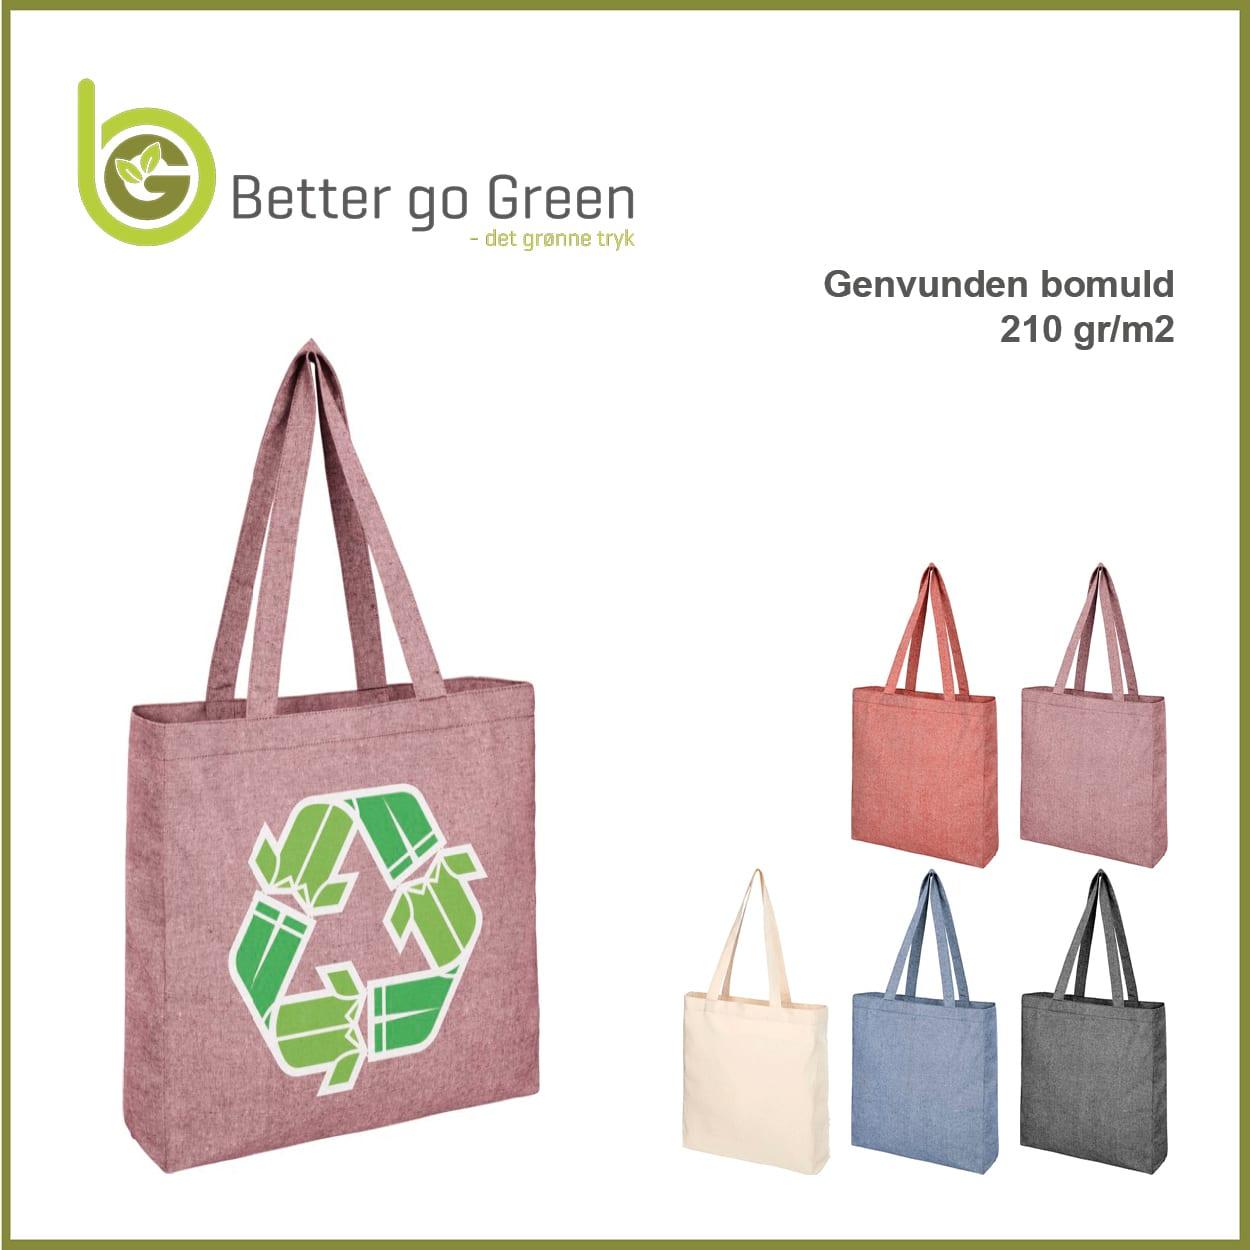 Muleposer 210 gr. af genbrugt bomuld, BetterGoGreen.dk